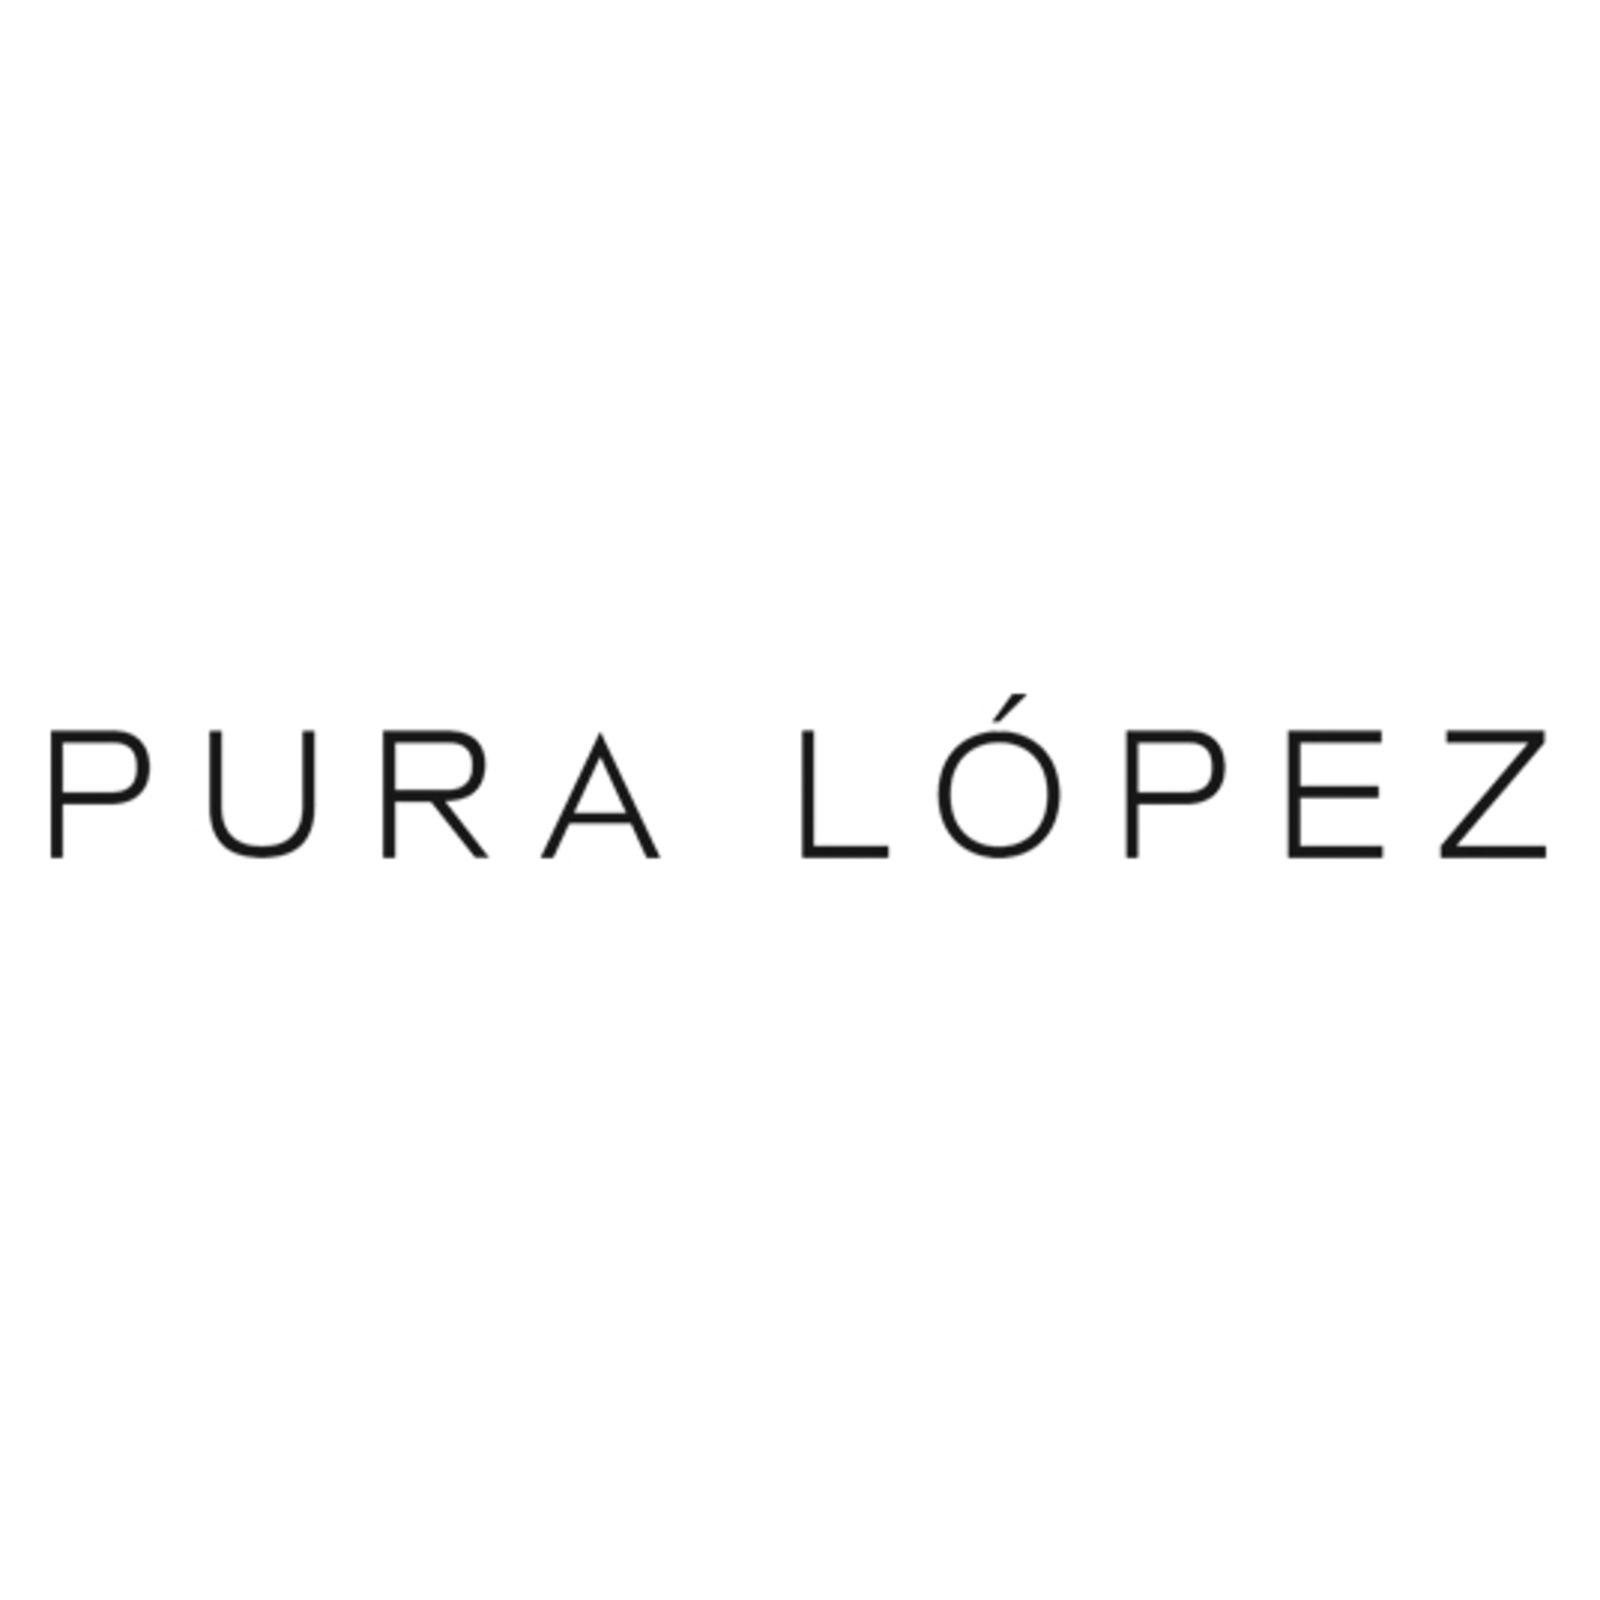 PURA LÓPEZ